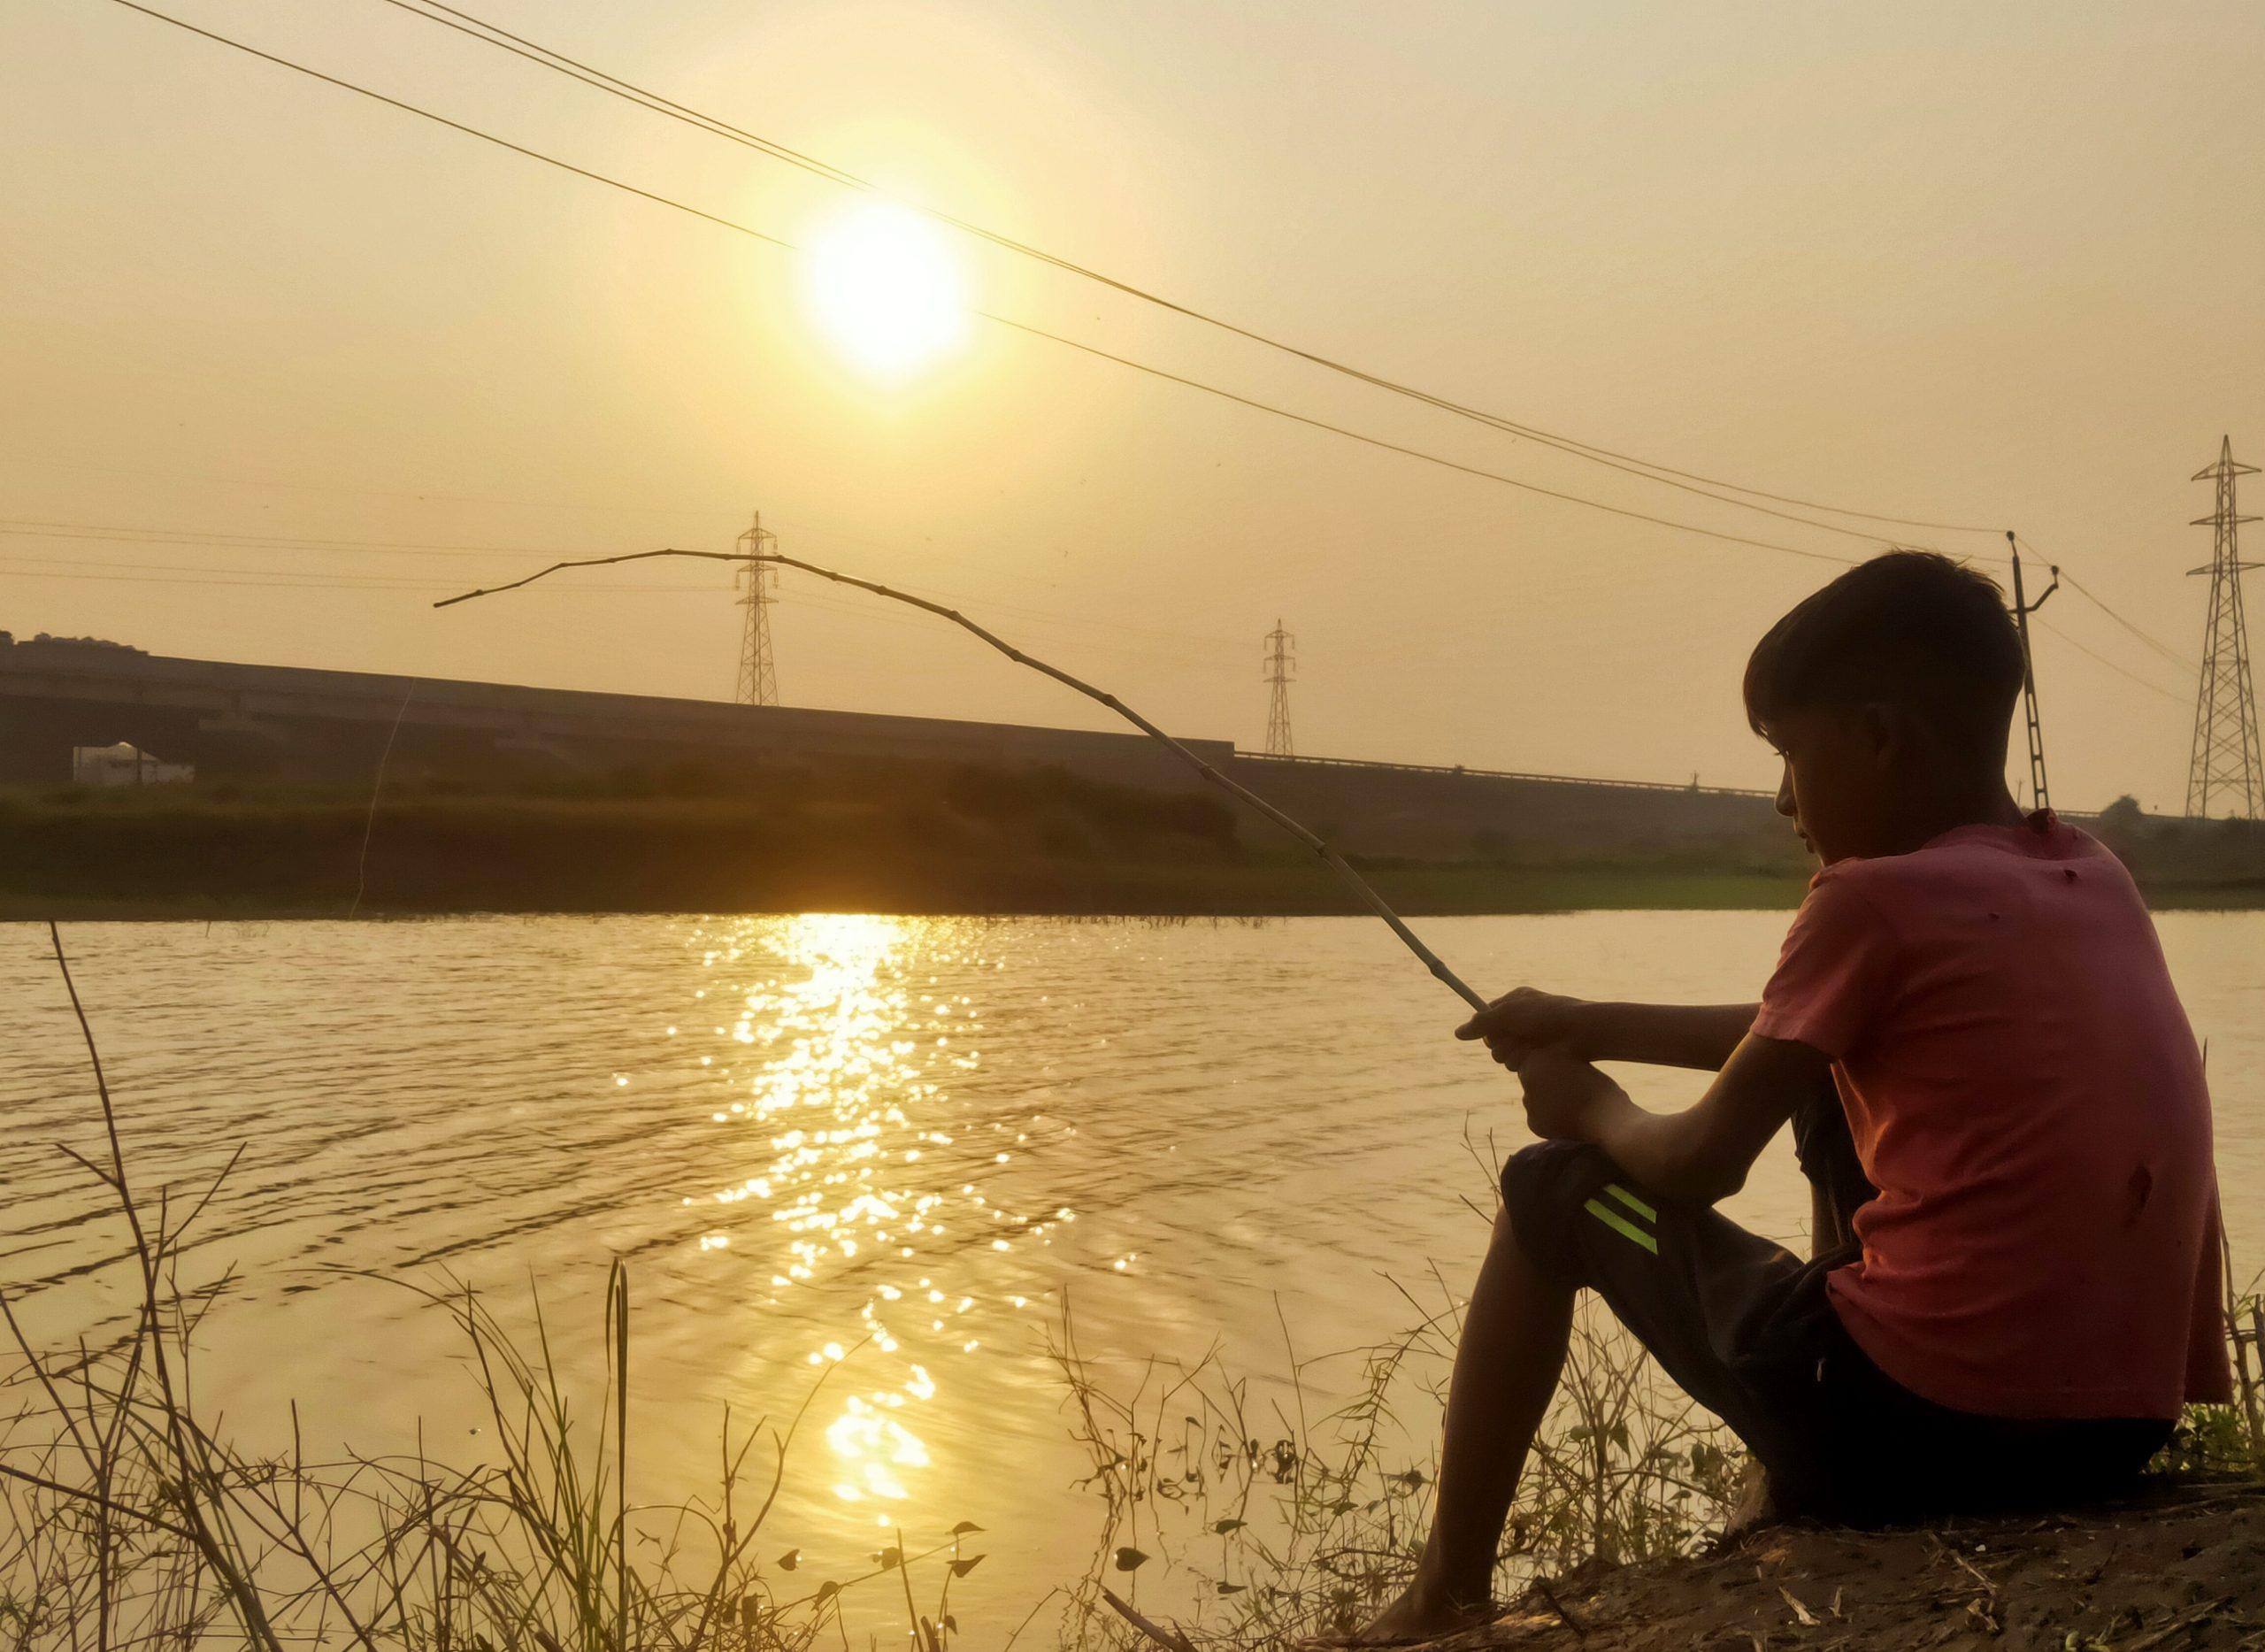 boy fishing at the sea